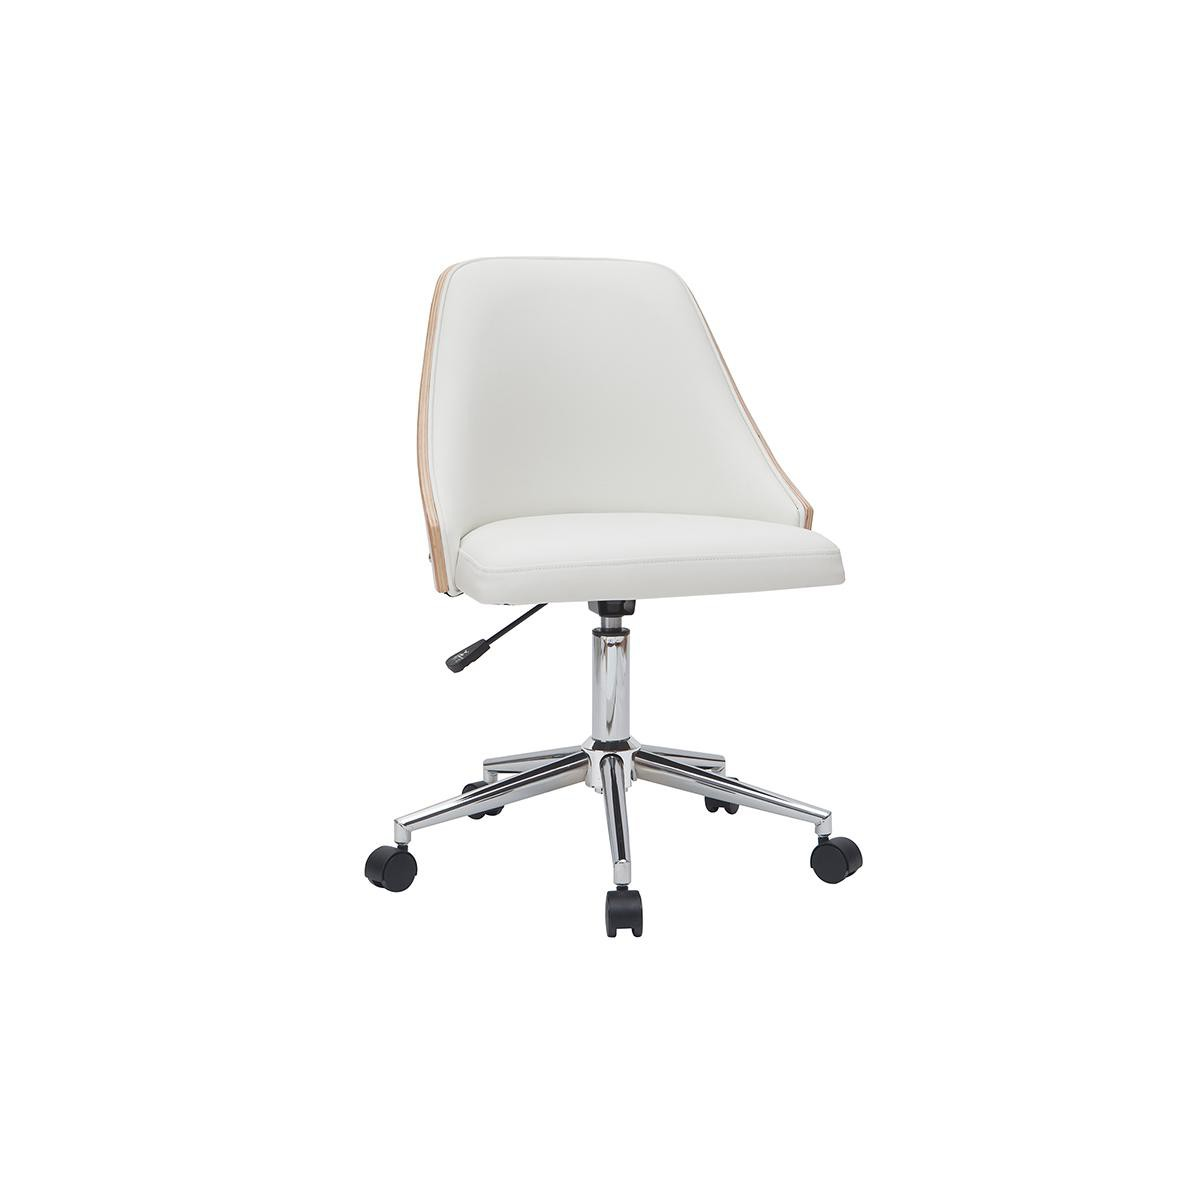 Miliboo Fauteuil de bureau design blanc et bois clair QUINO